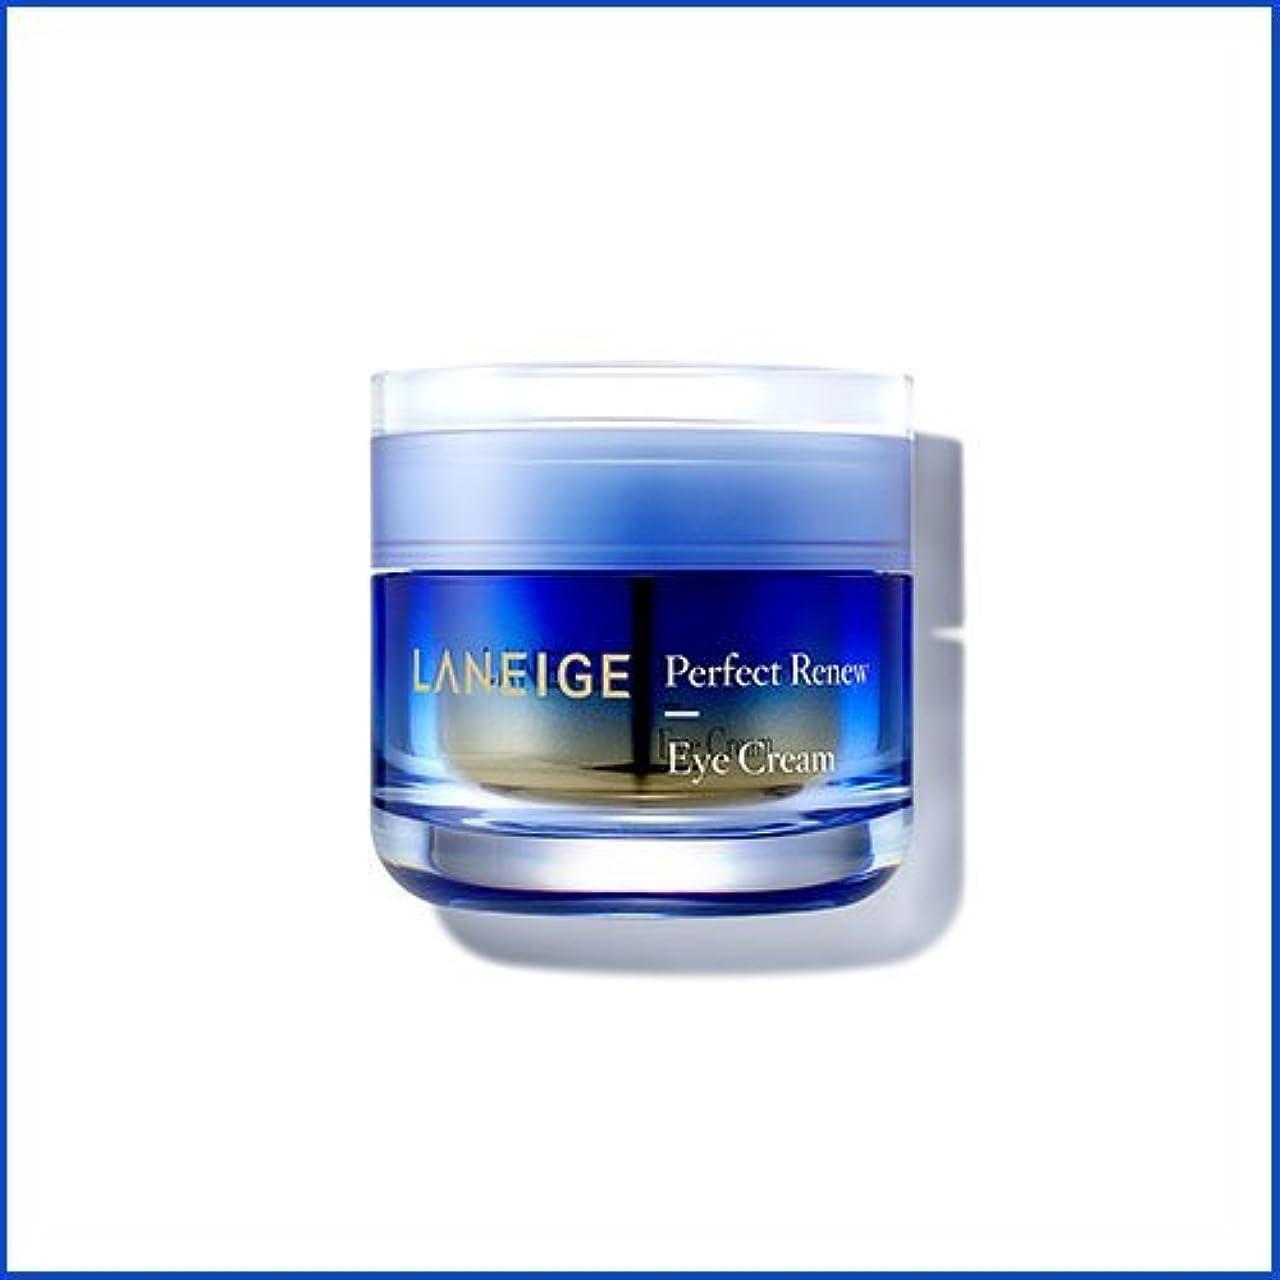 失礼な以内に観点【ラネージュ】【LANEIGE】【韓国コスメ】【アイクリーム 】 パーフェクト リニュー アイ クリーム 20ml Perfect Renew Eye Cream [並行輸入品]